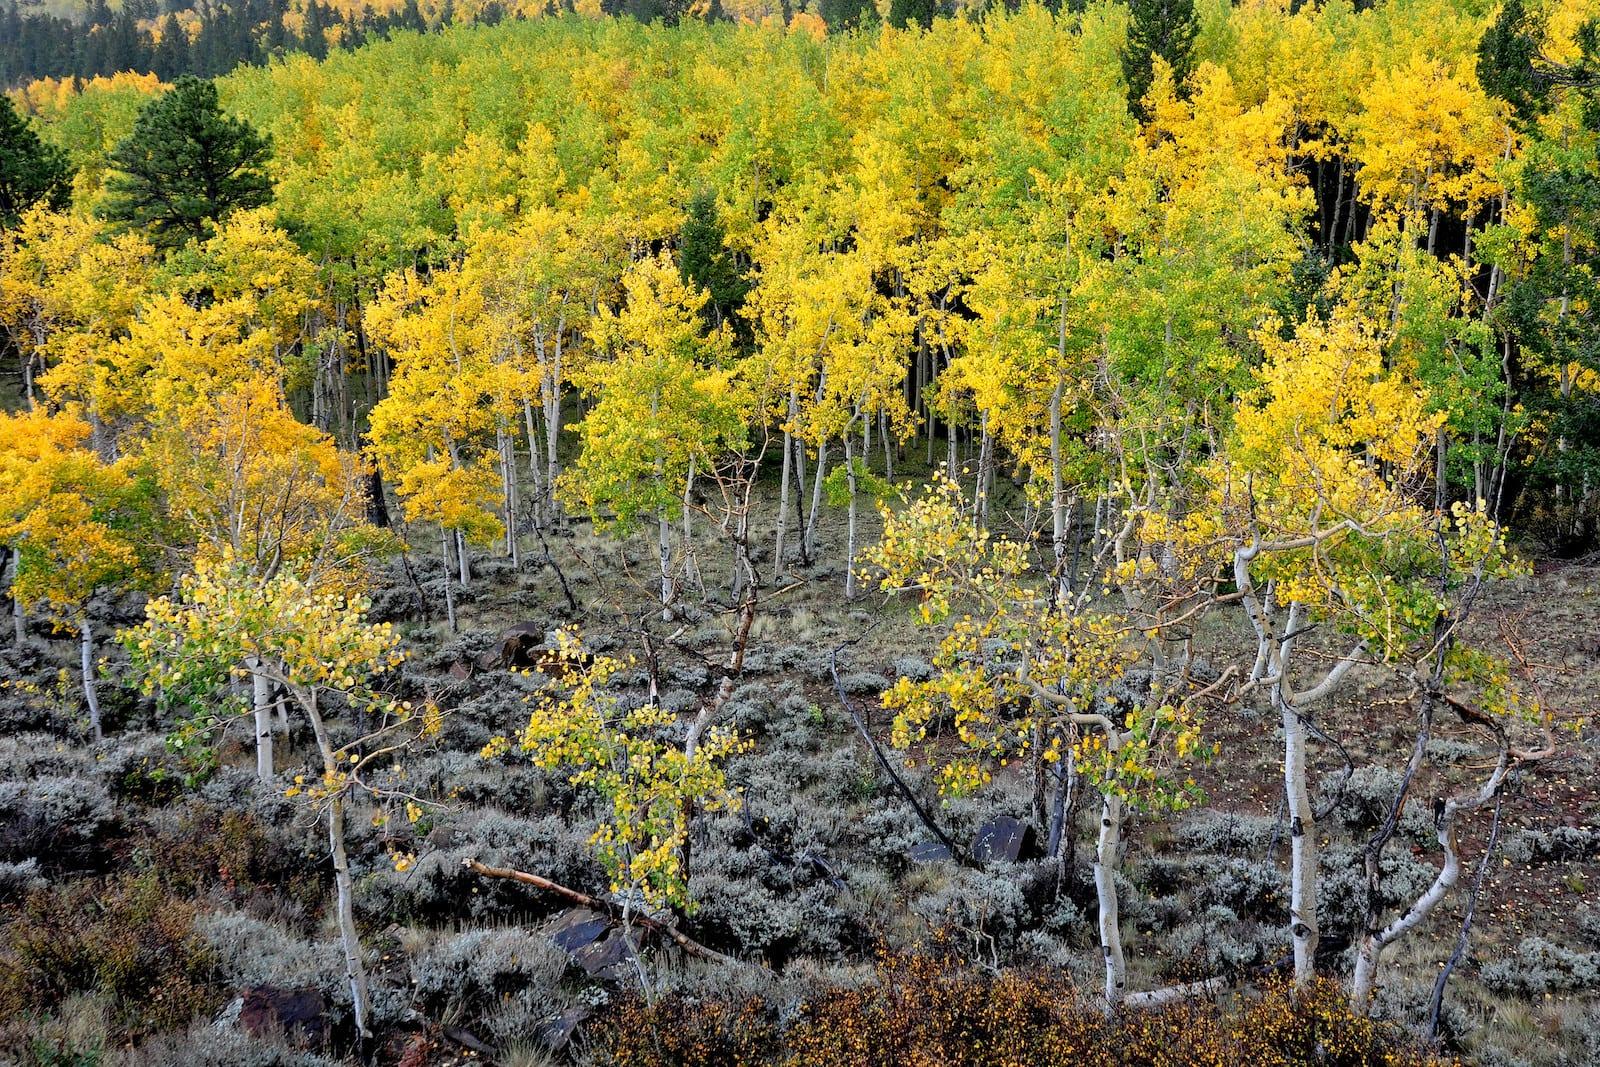 Outside of Salida at Marshall Pass, Colorado